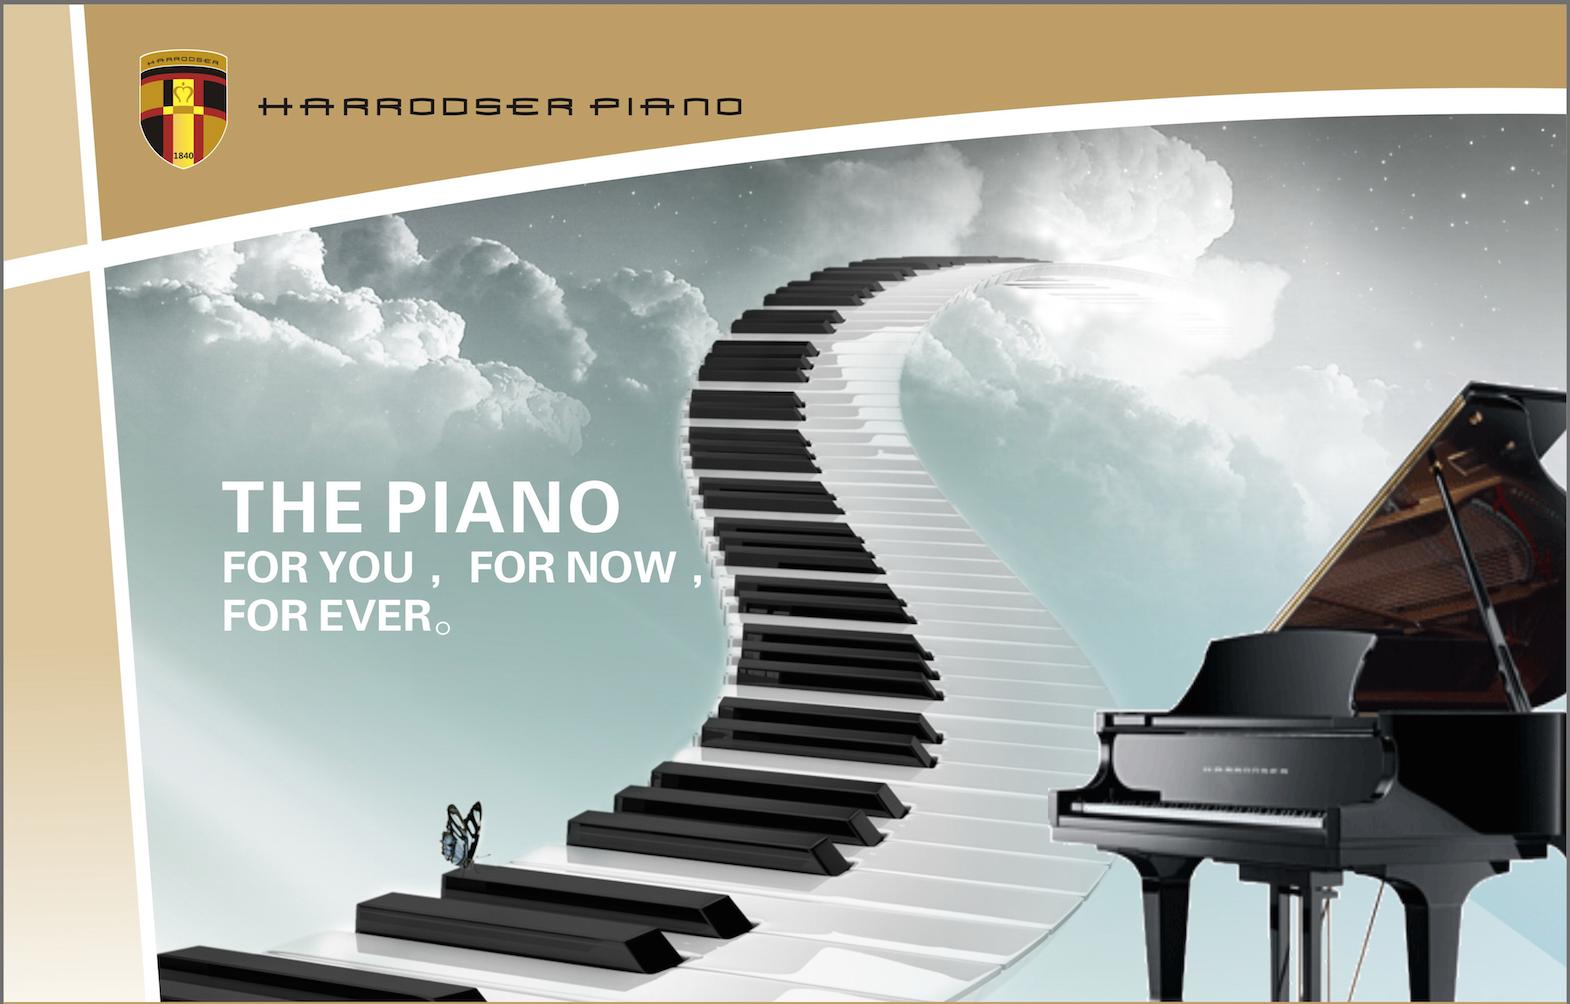 เปียโน HARRODSER